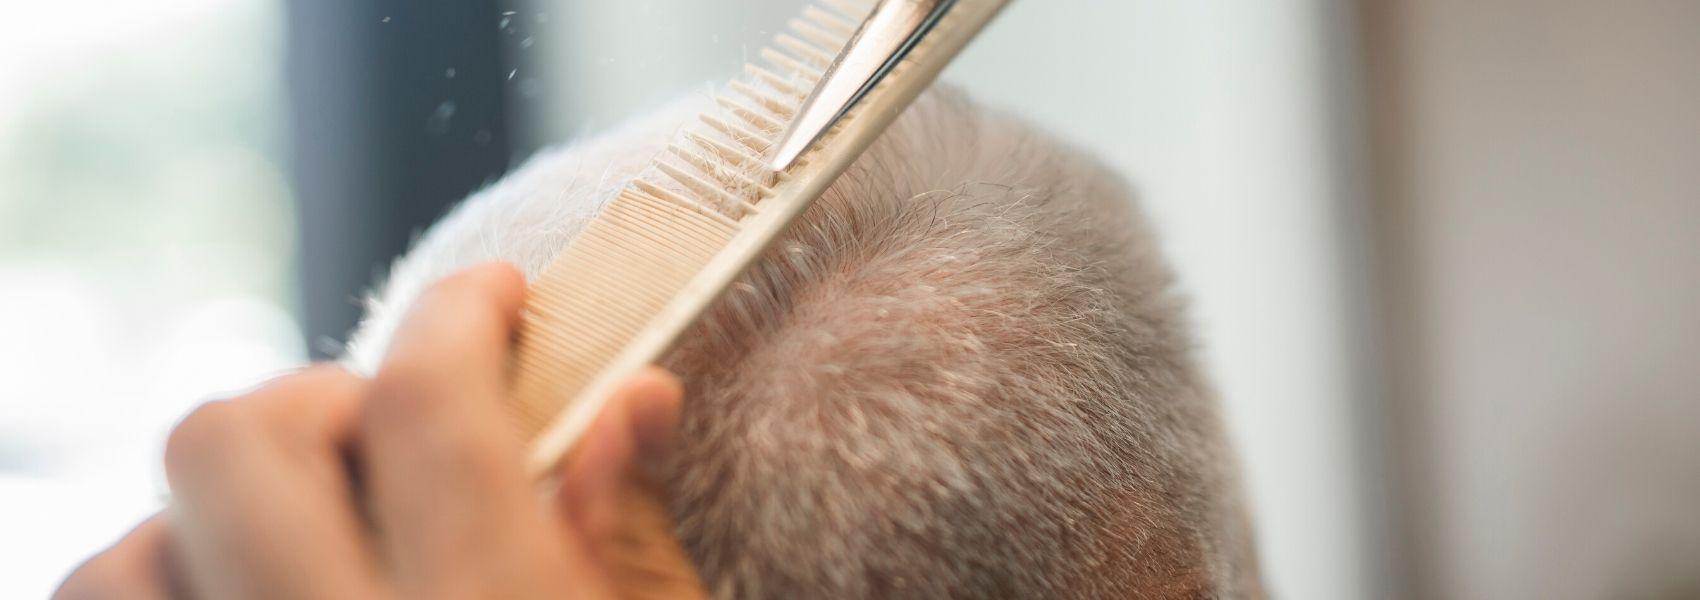 Filhos, cônjuge, trabalho: sim, o stress está na origem dos cabelos brancos